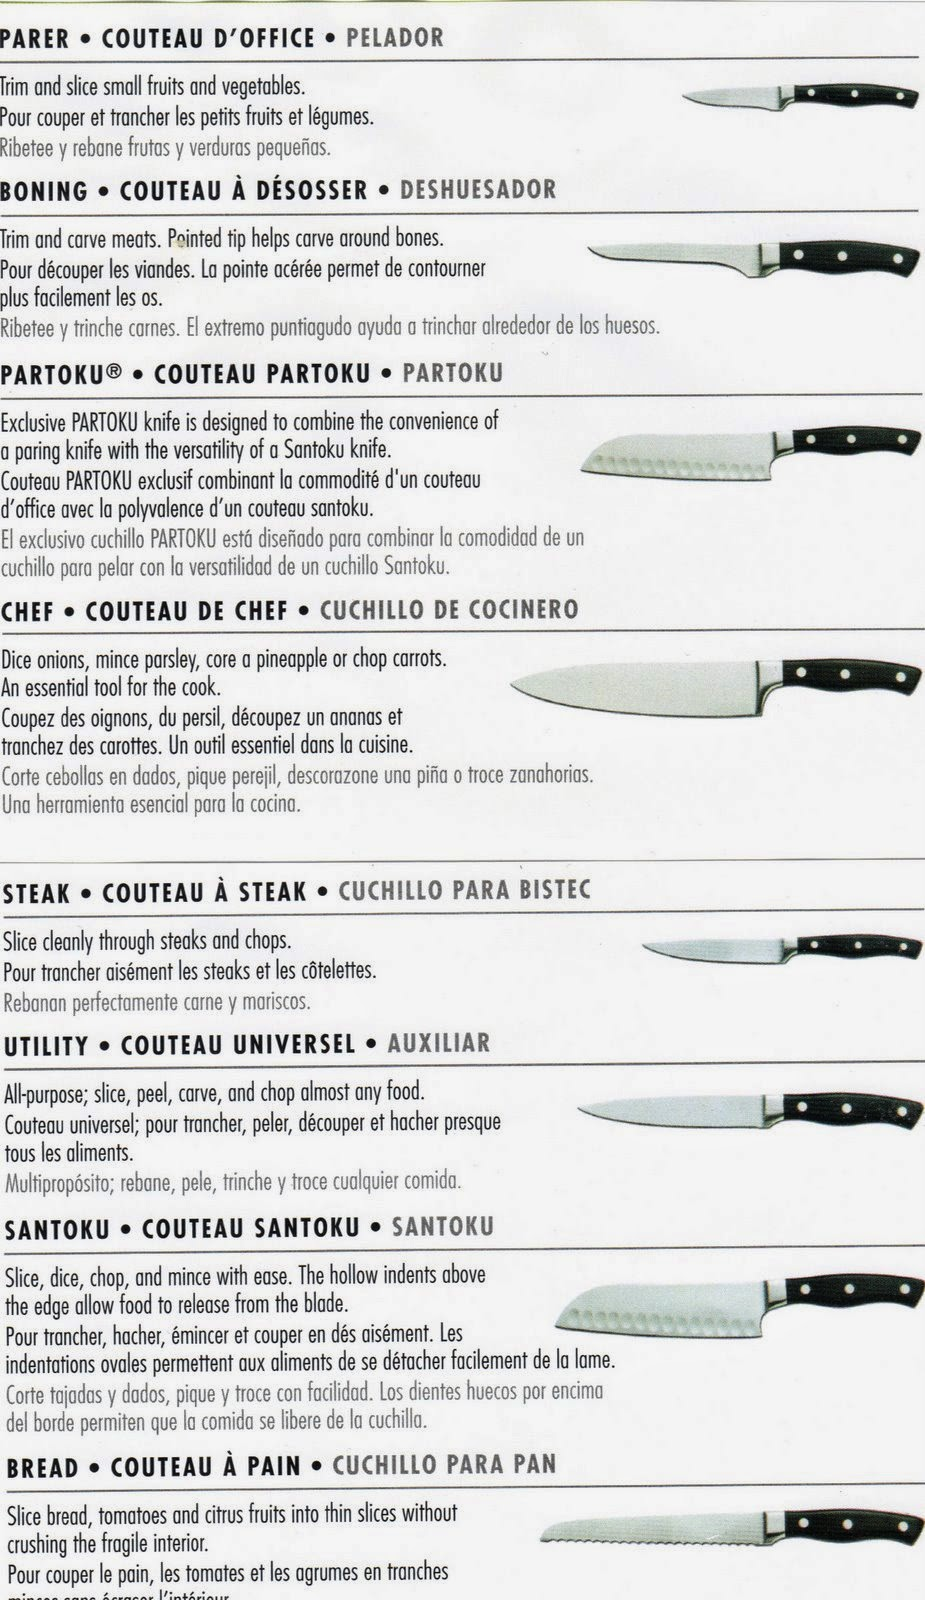 El budare del cega infograf as el cuchillo en cocina for Pdf de cocina